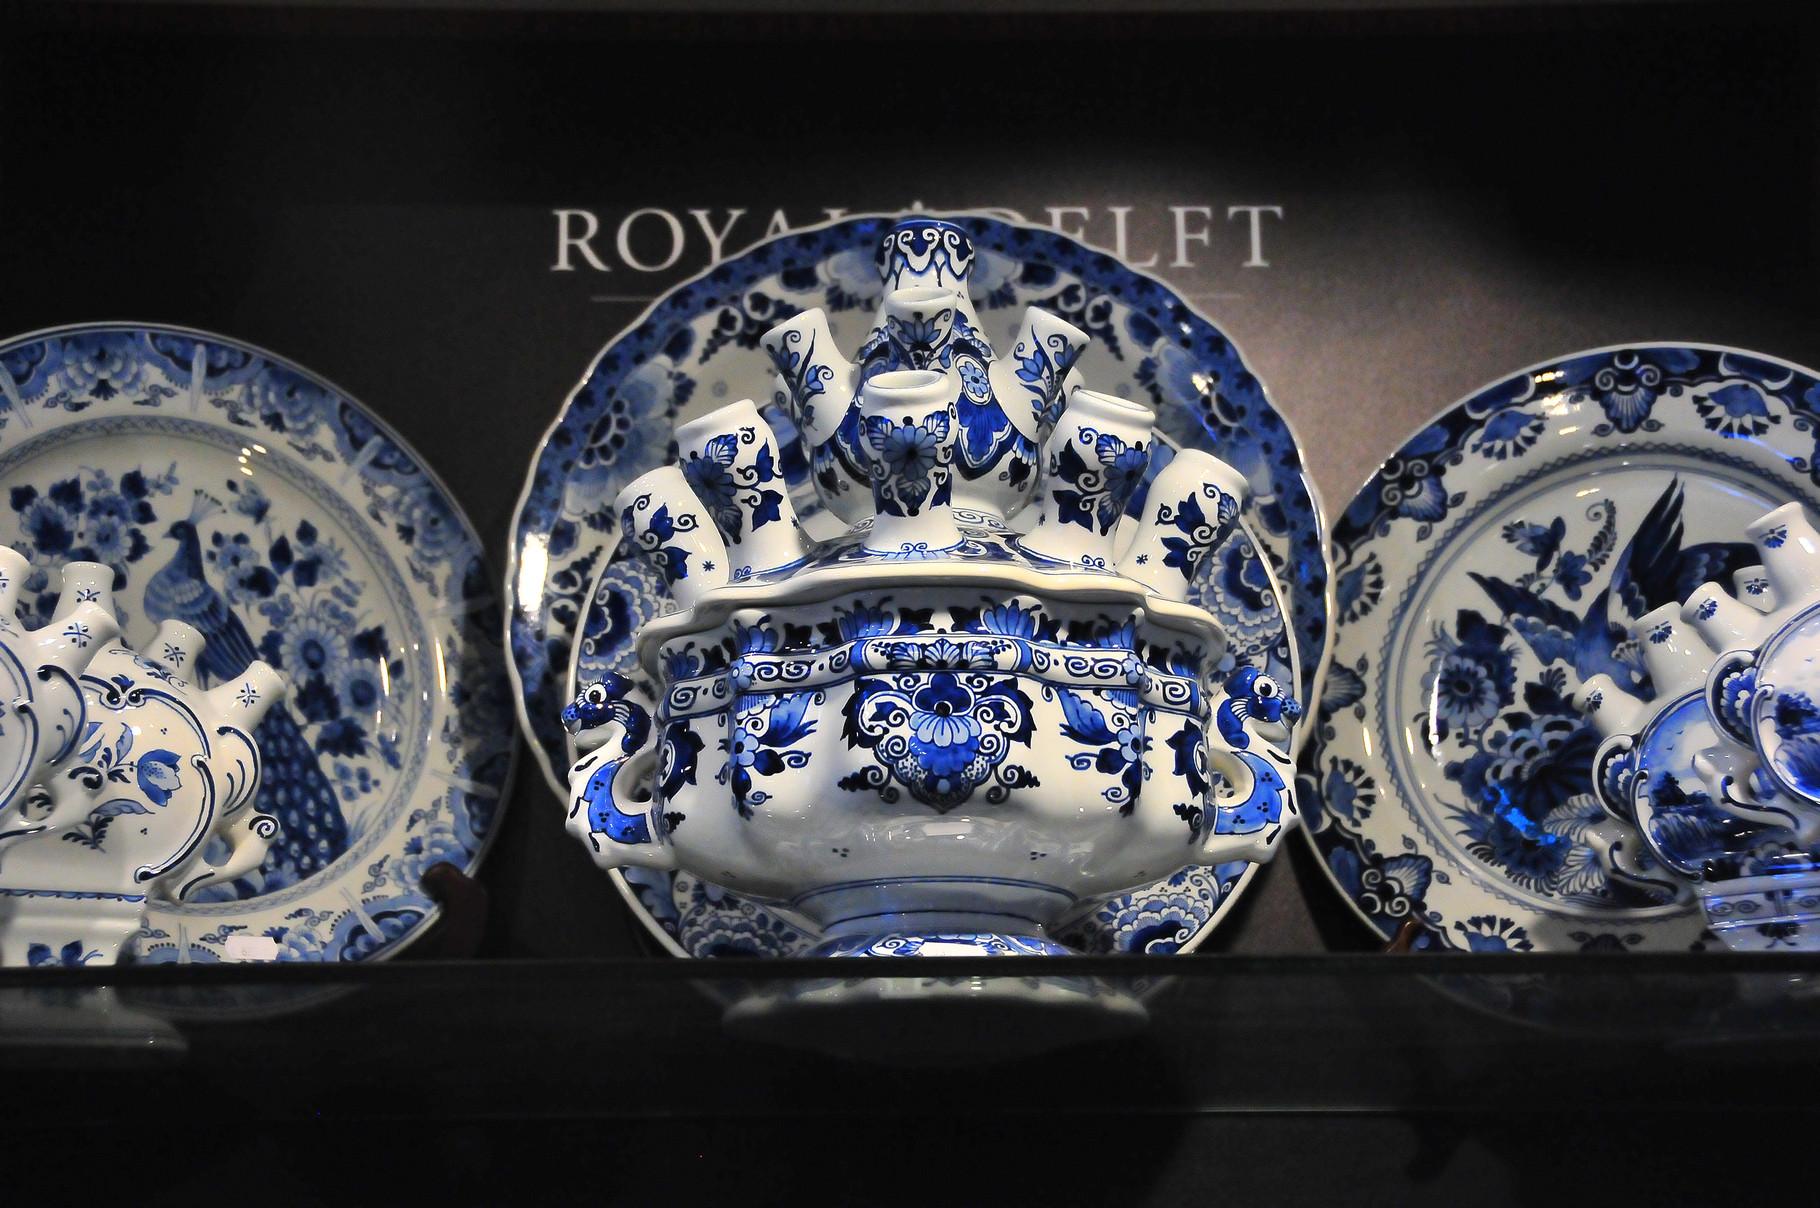 68 Royal Delft